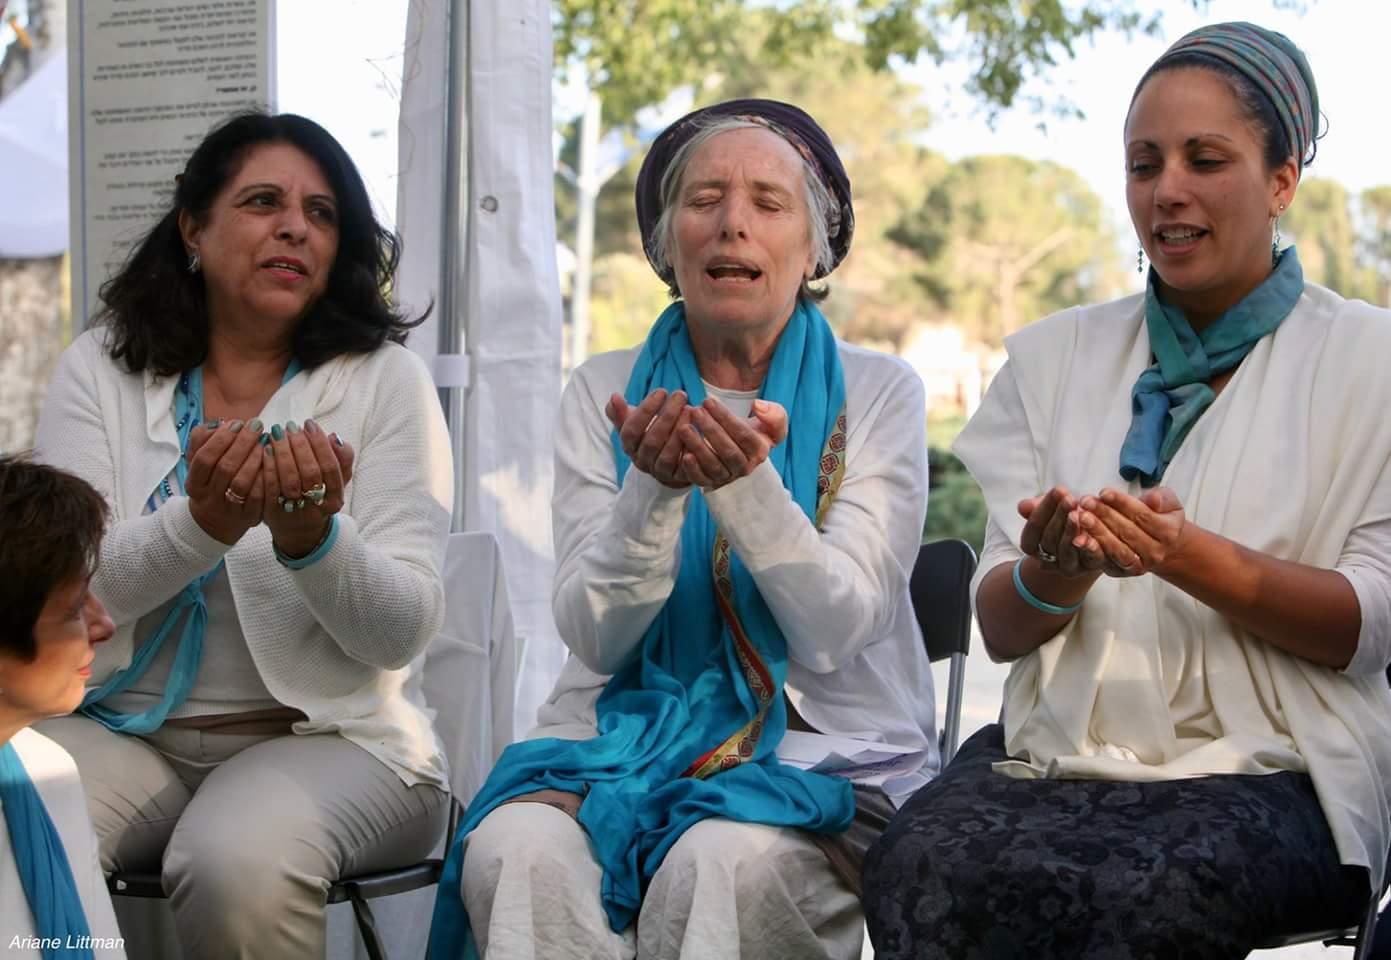 ג'ולייט קאוקג'י, הדסה פרומן וליאורה הדר באוהל